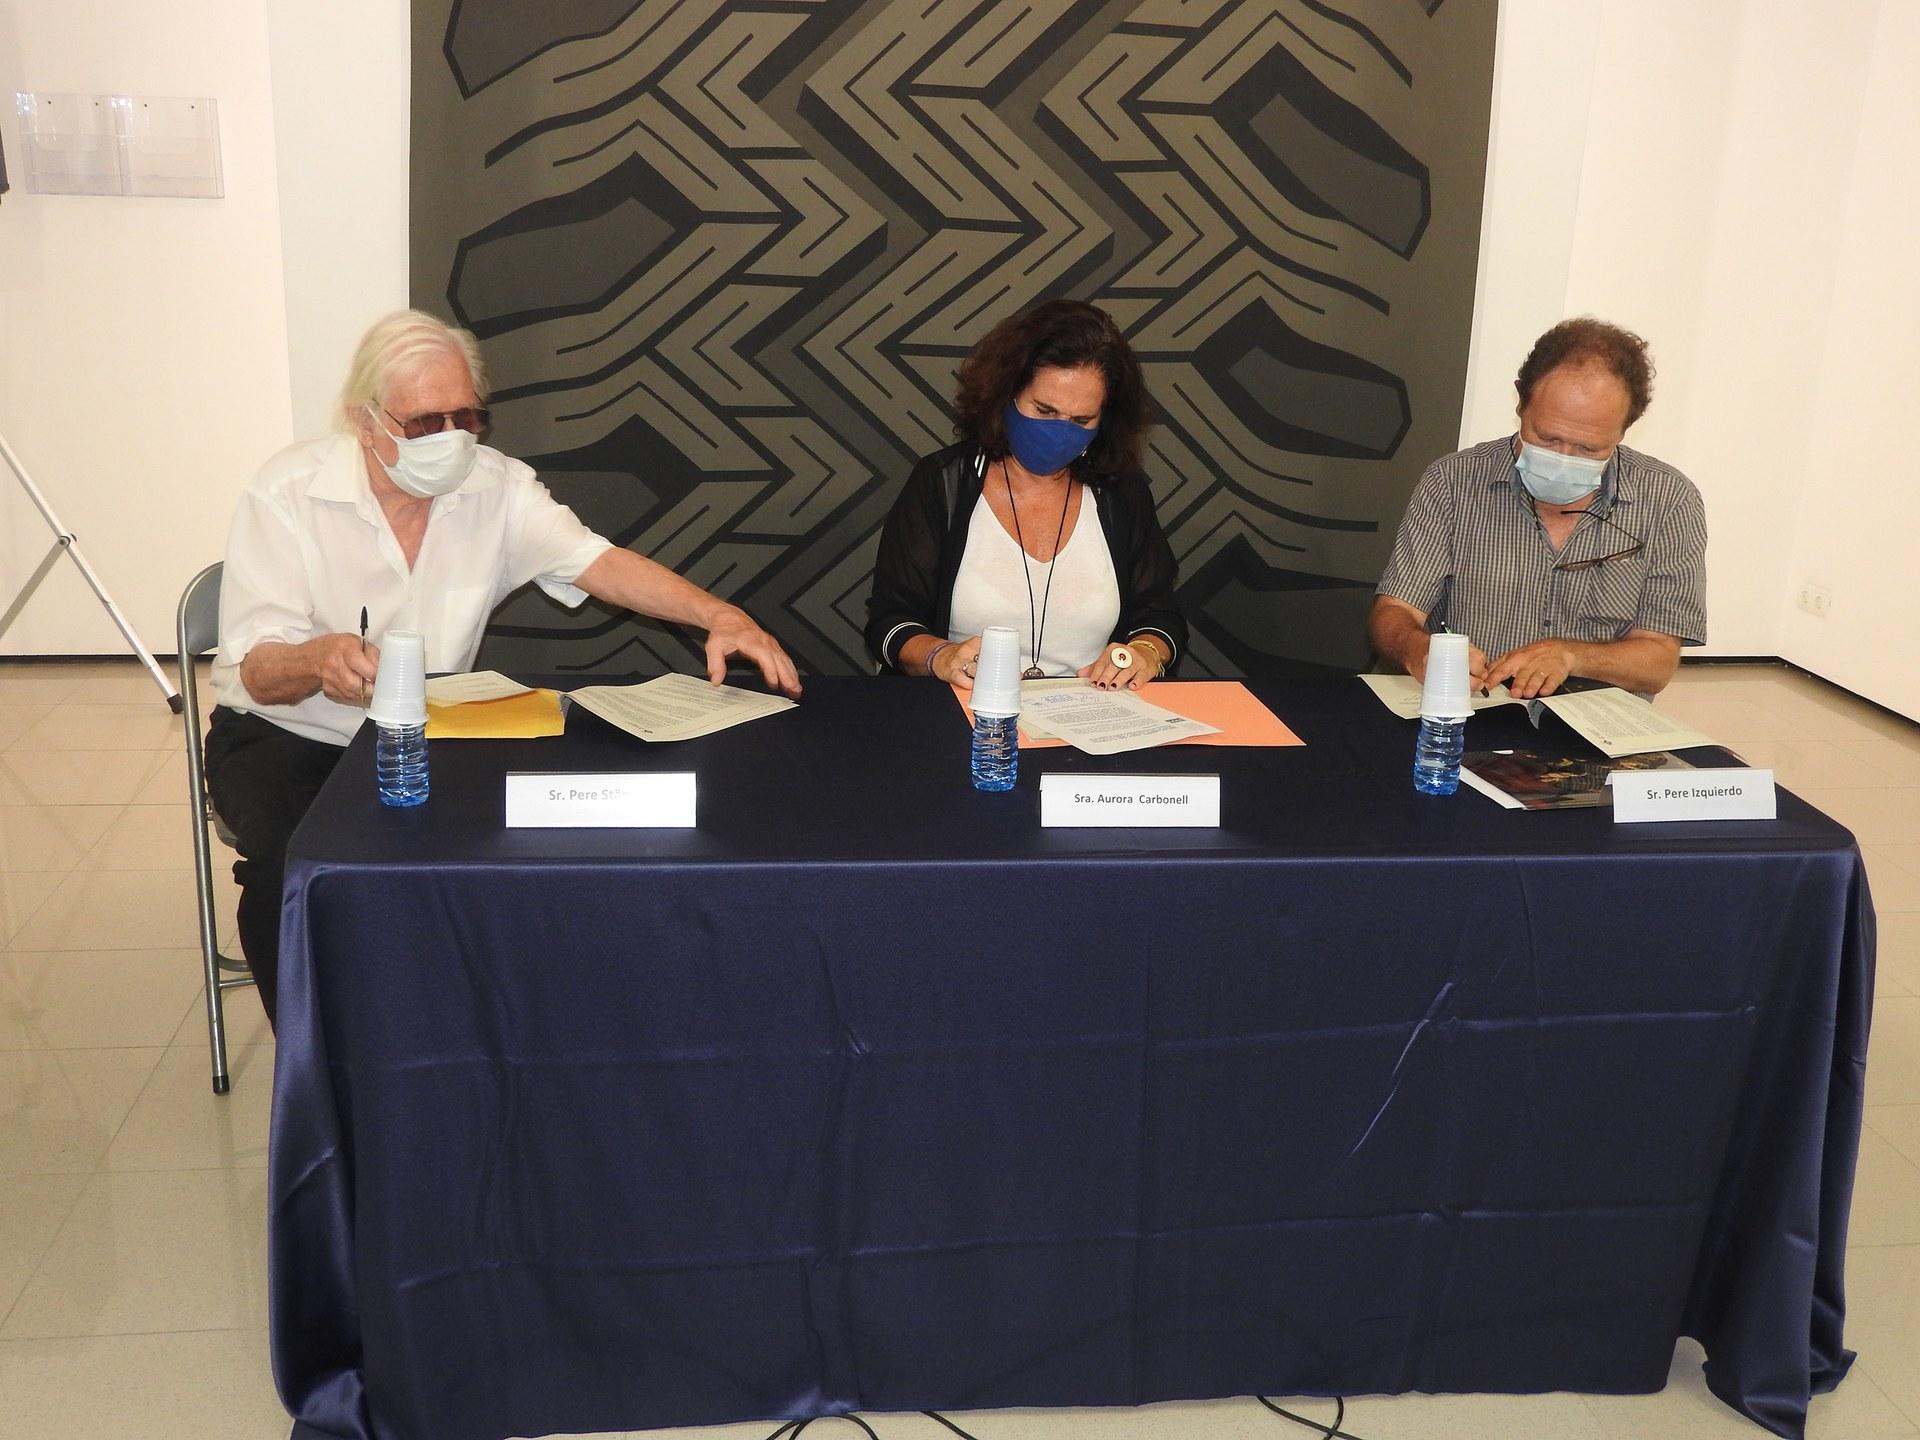 L'Ajuntament Sitges signa un conveni de col·laboració amb la Fundació Stämpfli i el Consorci del Patrimoni de Sitges